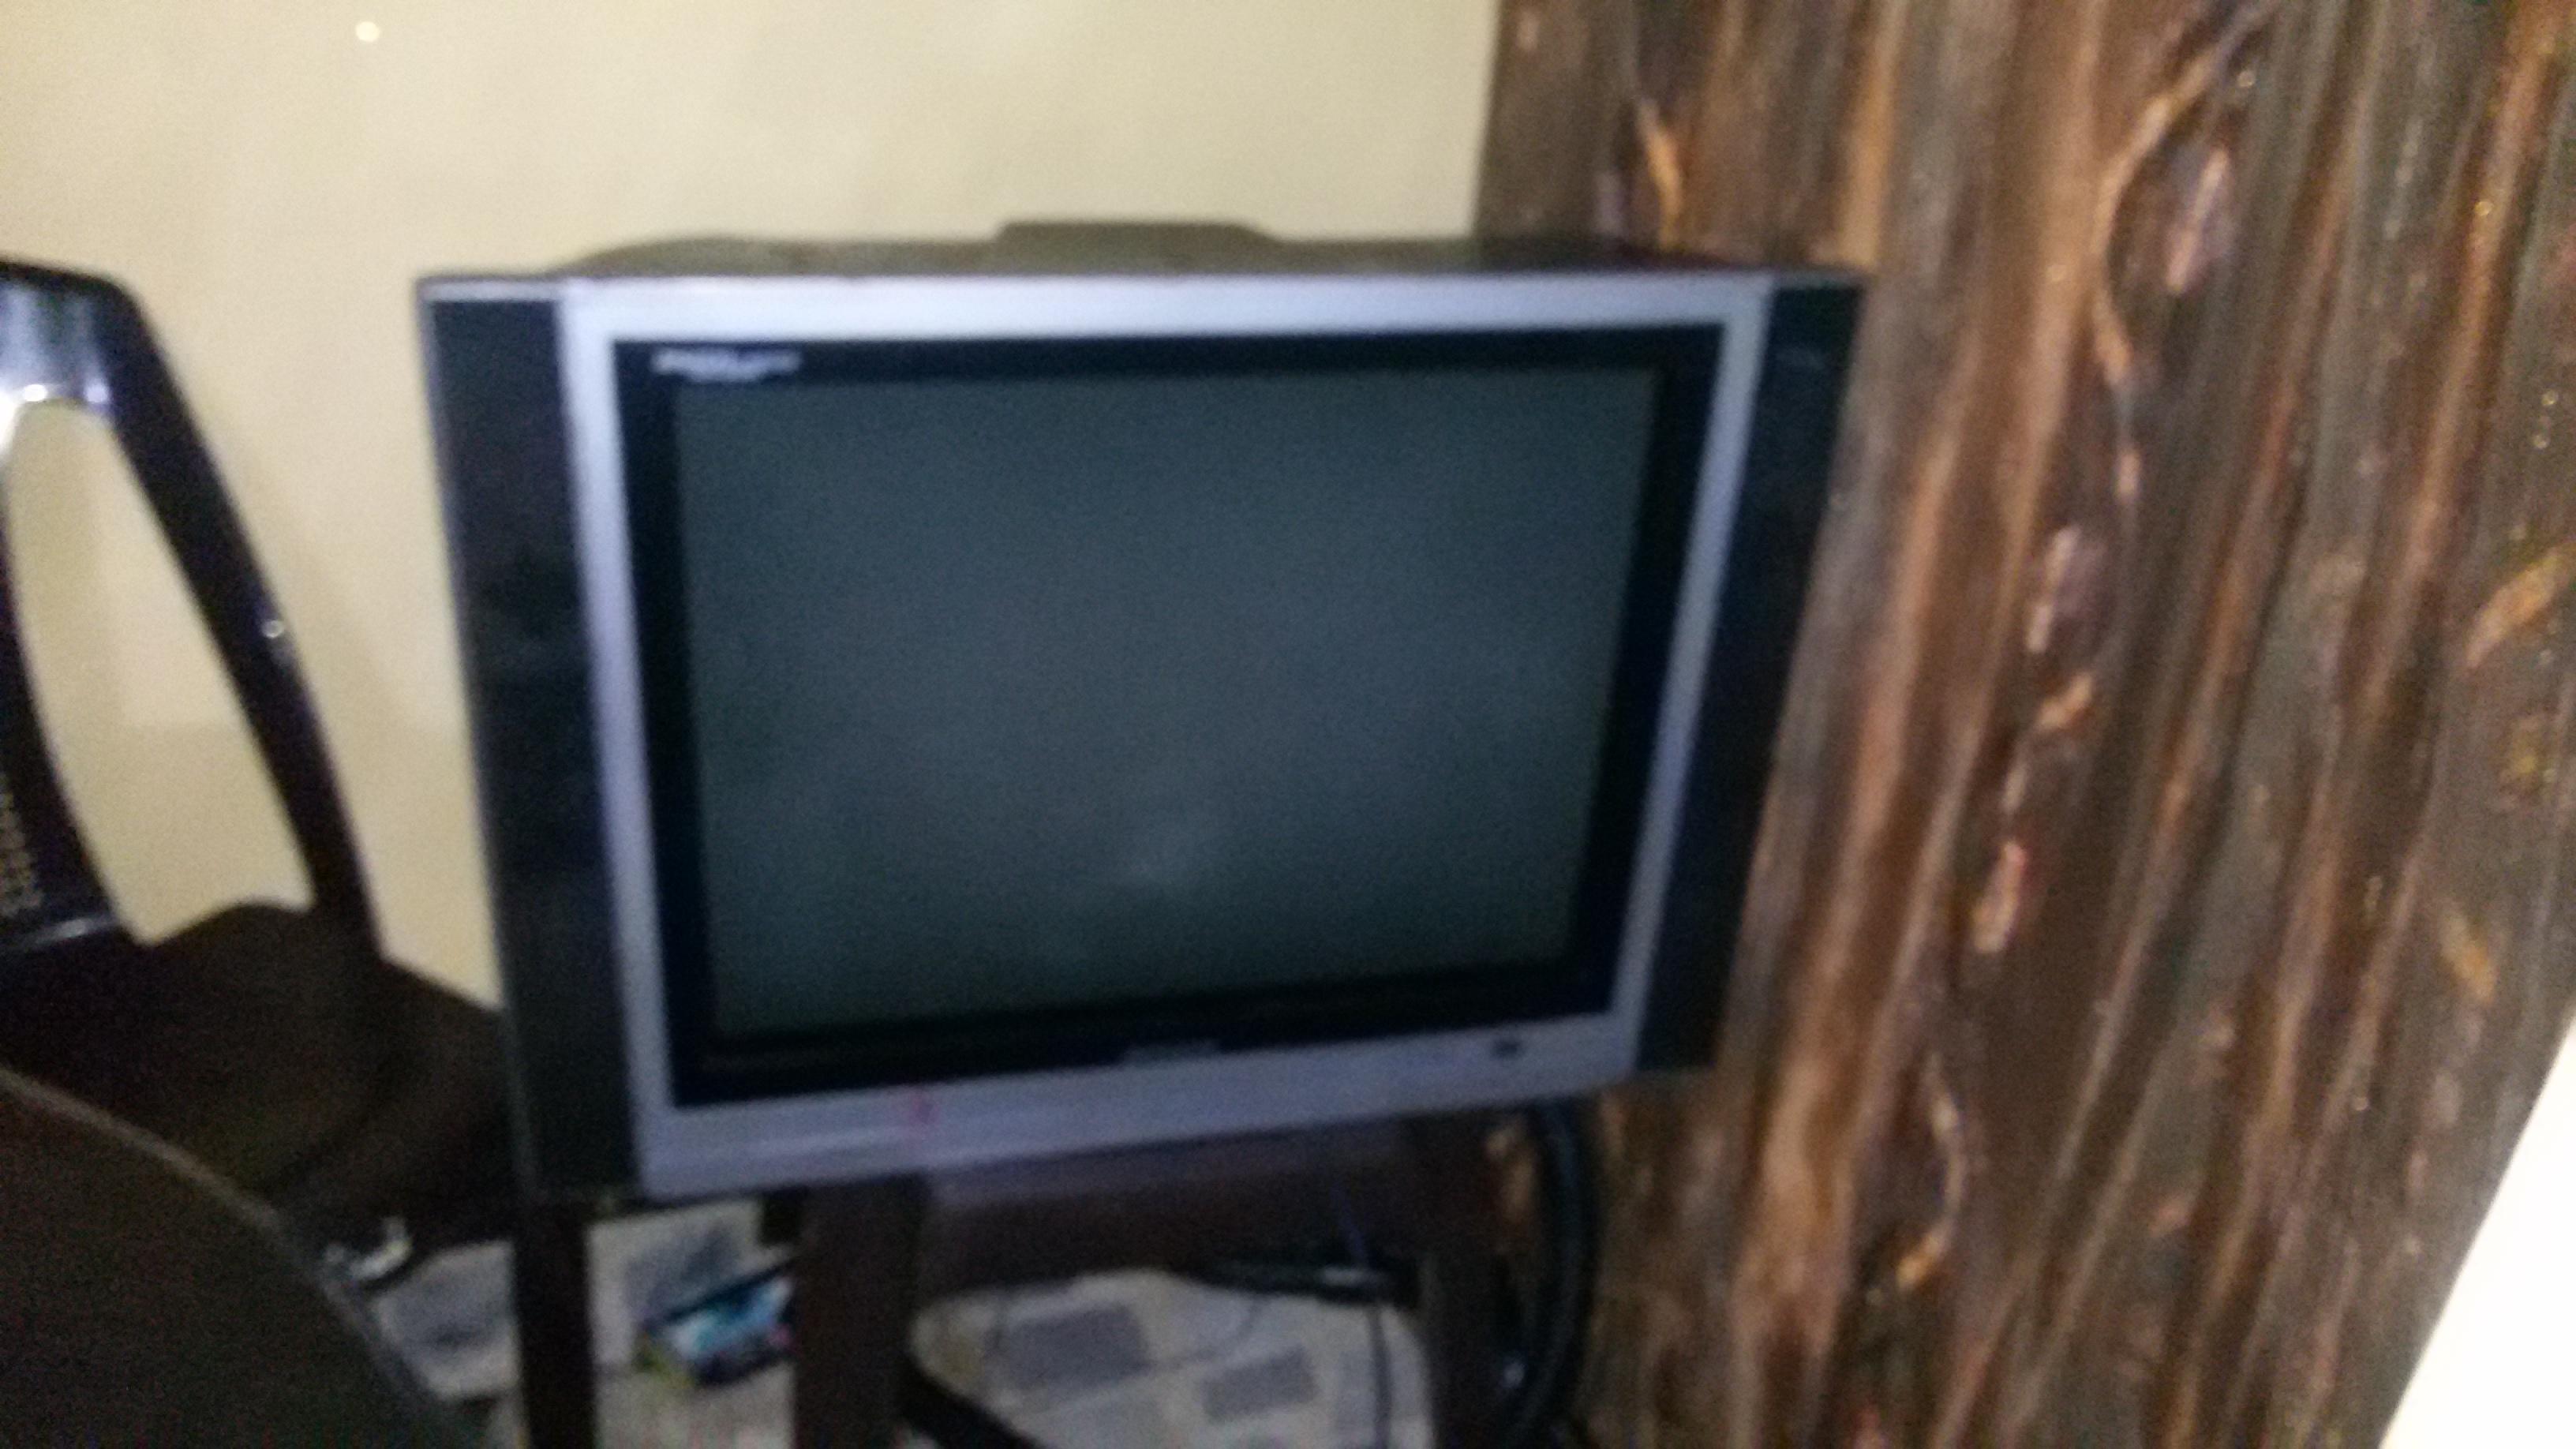 شاشه كمبيوتر-  تلفزيون نوع هونداي حجم...